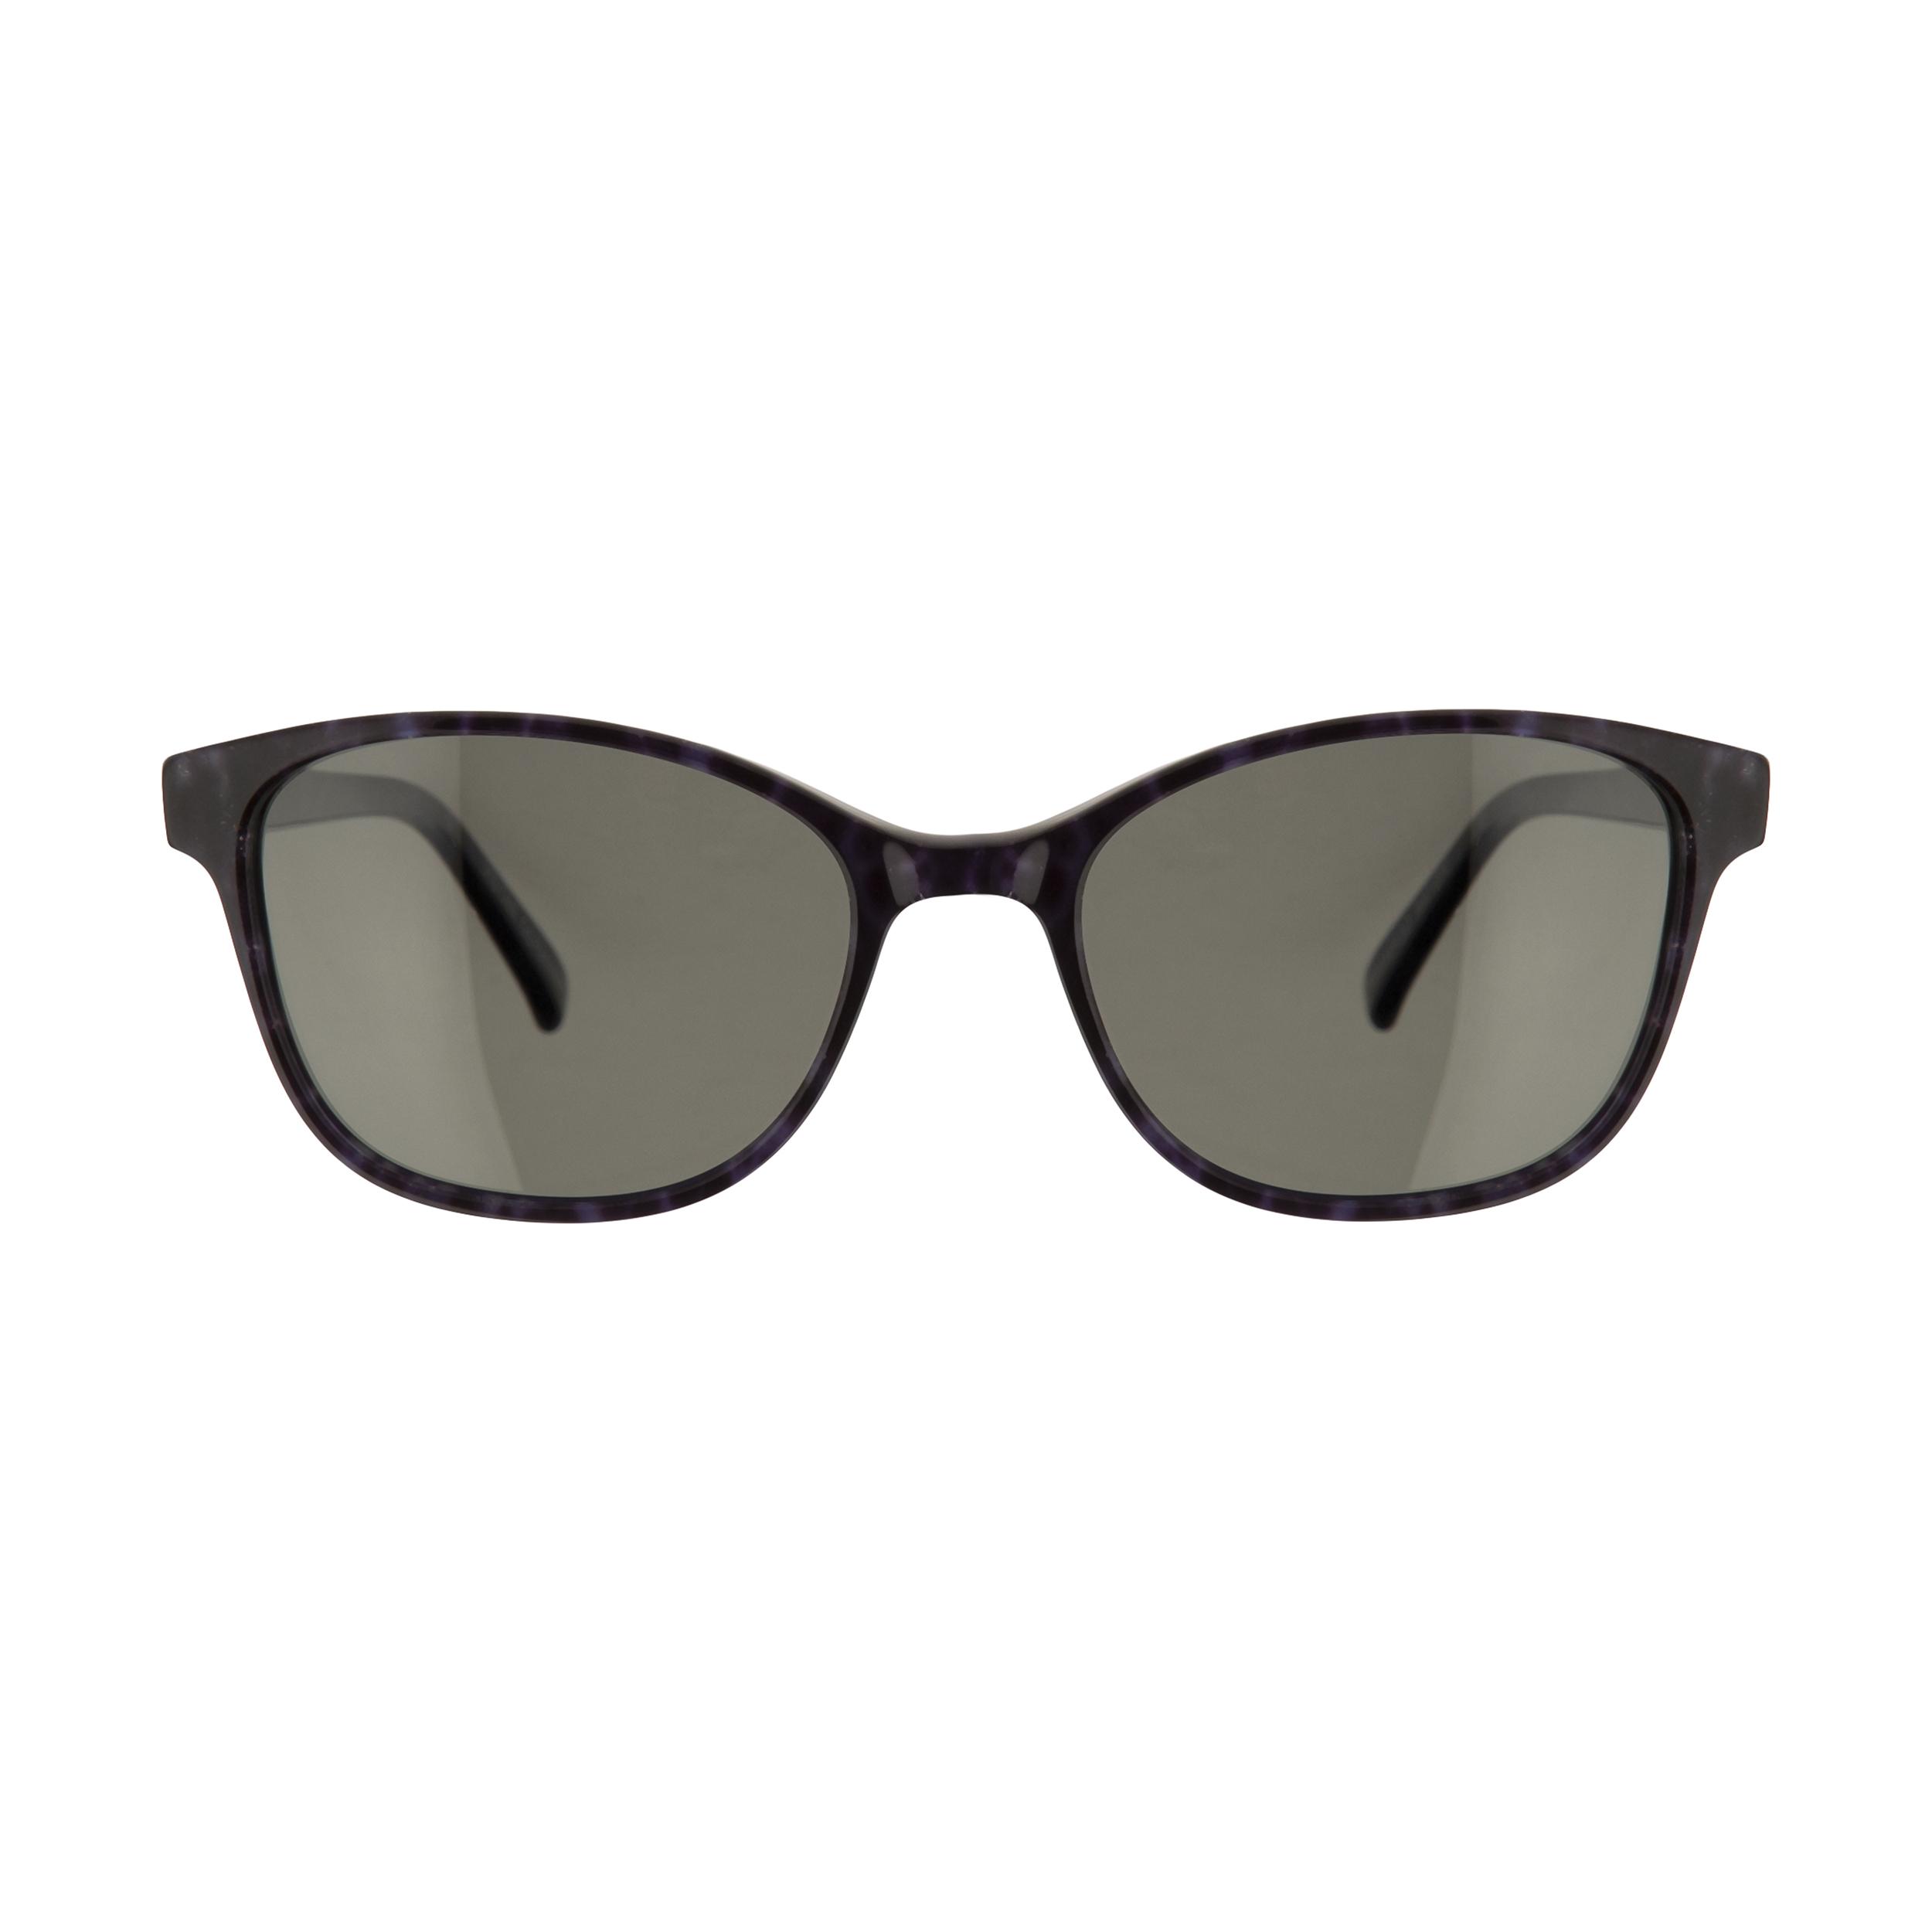 عینک آفتابی زنانه ویستان مدل 7842001